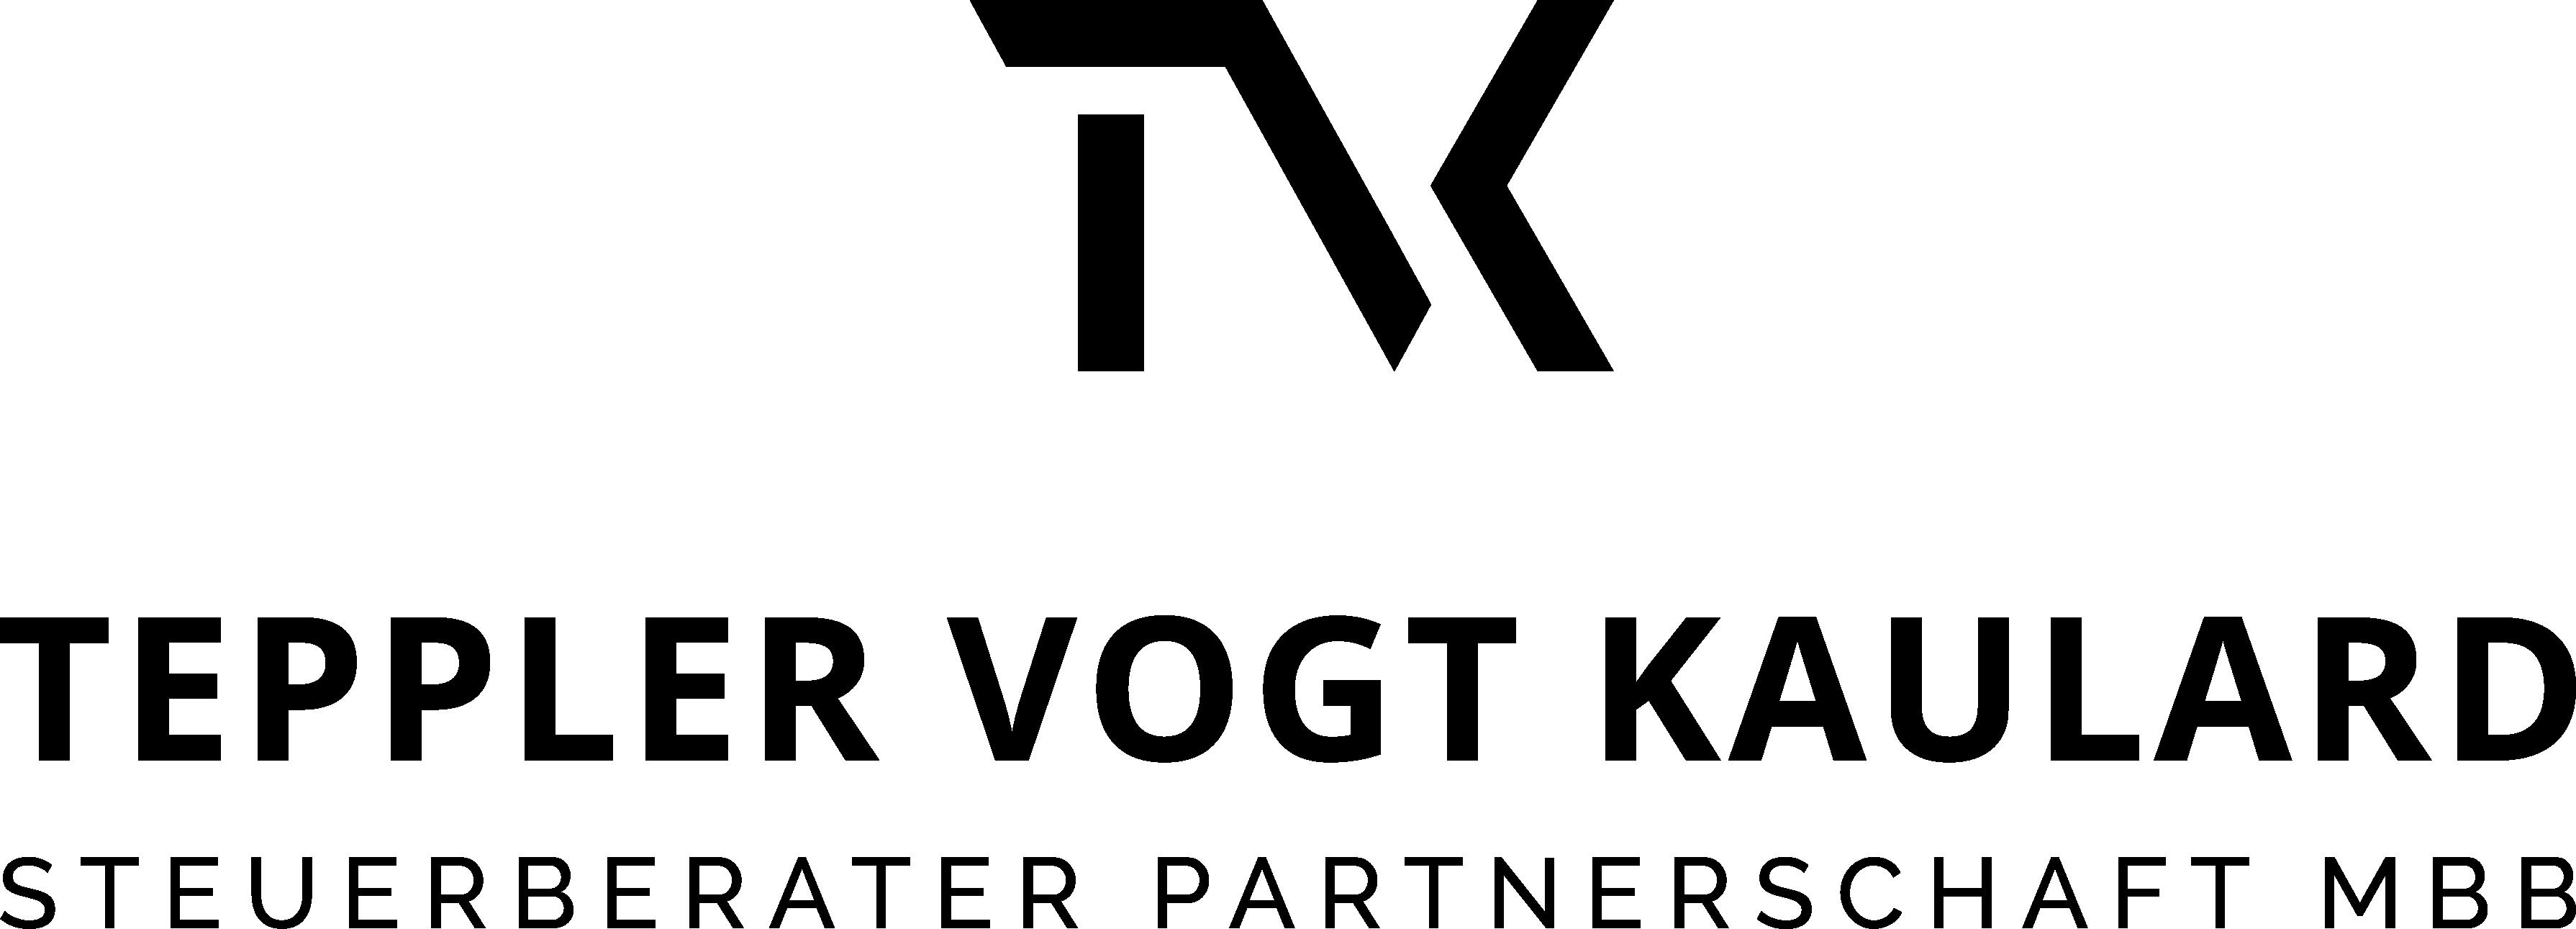 TVK Steuerberater Logo